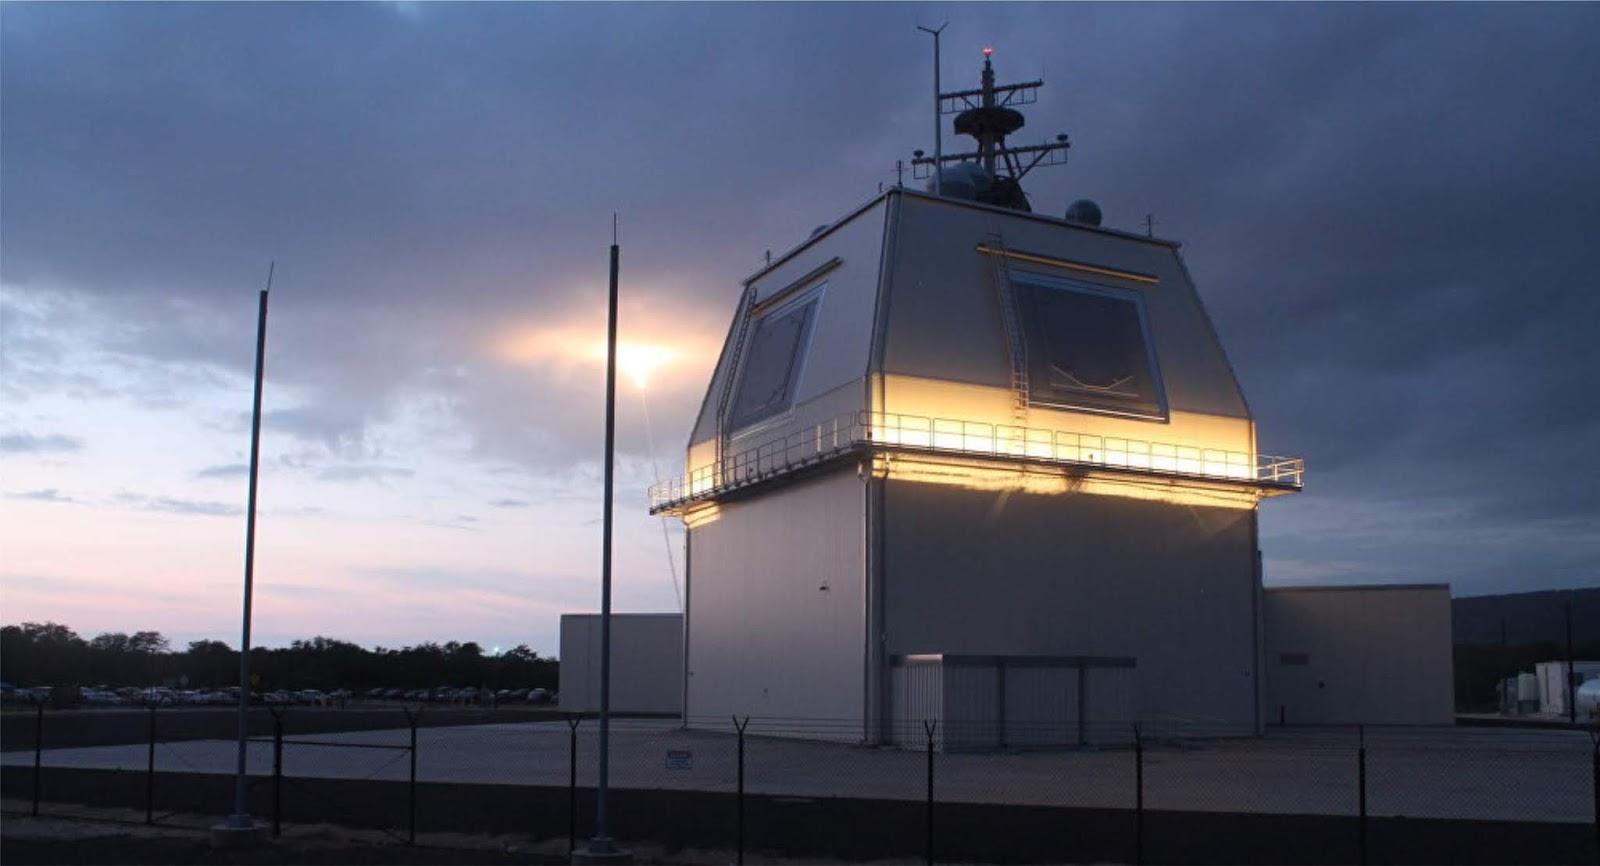 Jepang akan melakukan pemeriksaan baru terkait penyebaran sistem pertahanan rudal